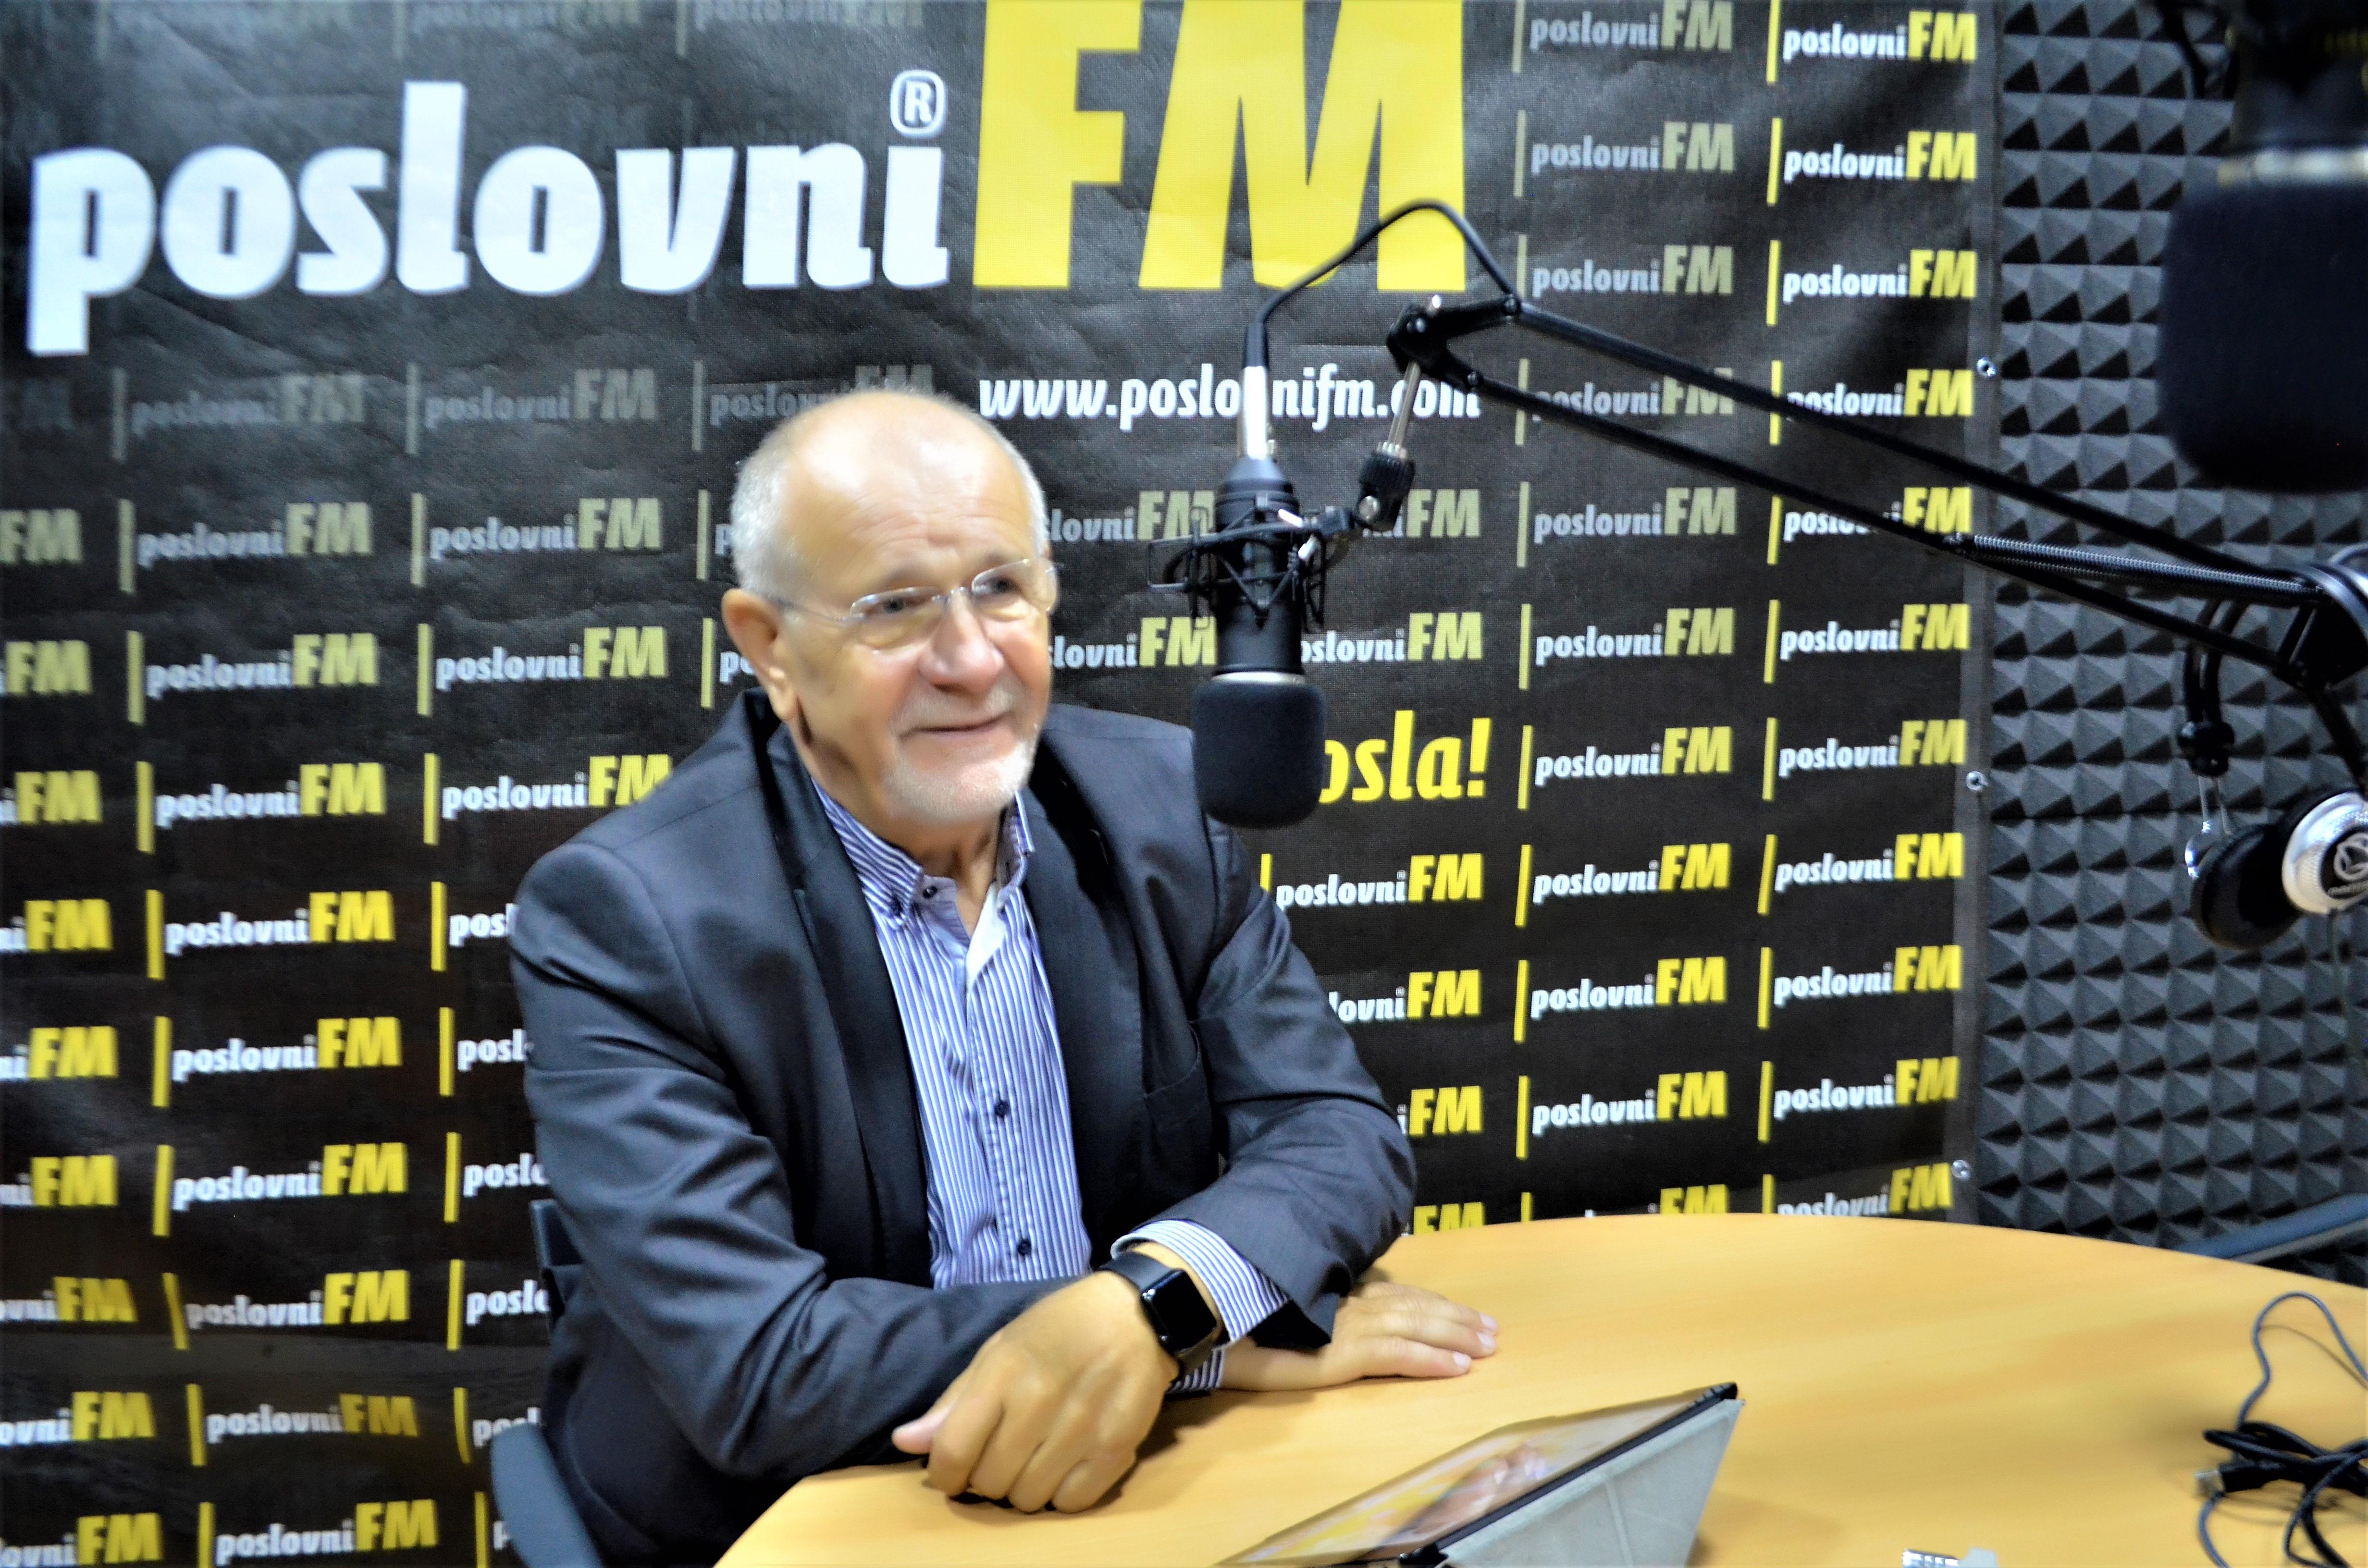 Slavko Krajcar